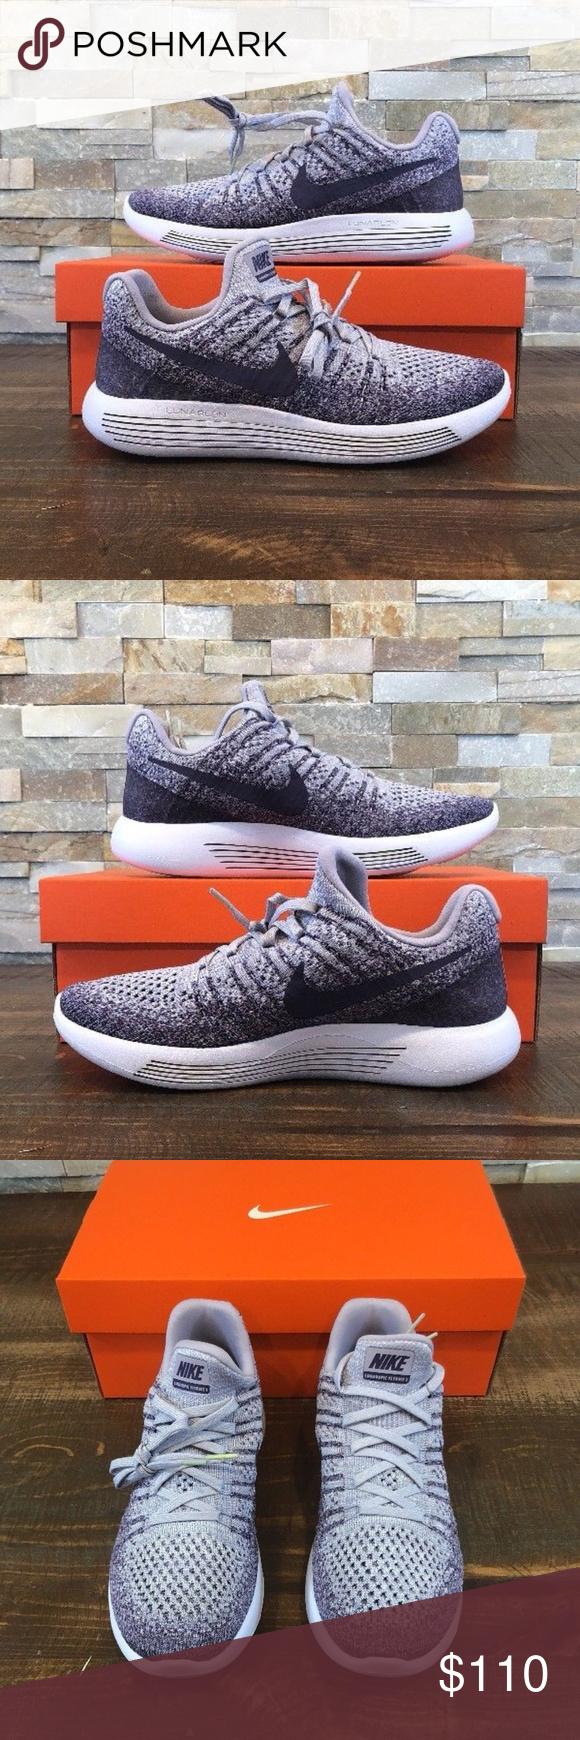 48218b8e024 Nike Lunarepic Low Flyknit 2 Nike Womens Lunarepic Low Flyknit 2 Size 8.5 Running  Shoe Purple